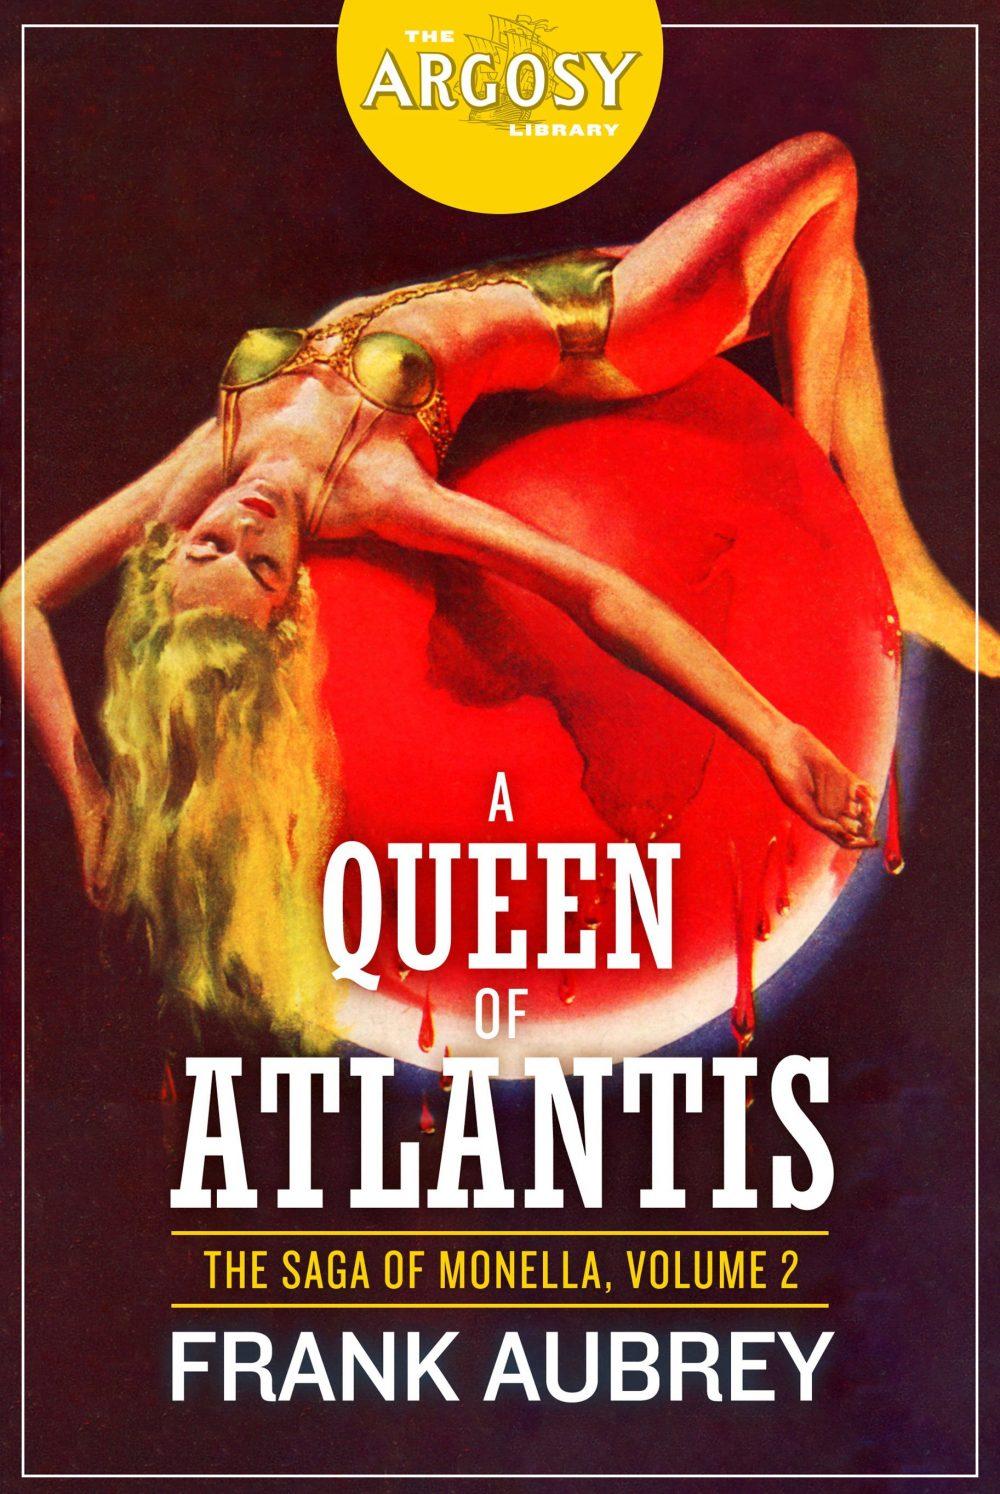 A Queen of Atlantis: The Saga of Monella, Volume 2 (The Argosy Library)